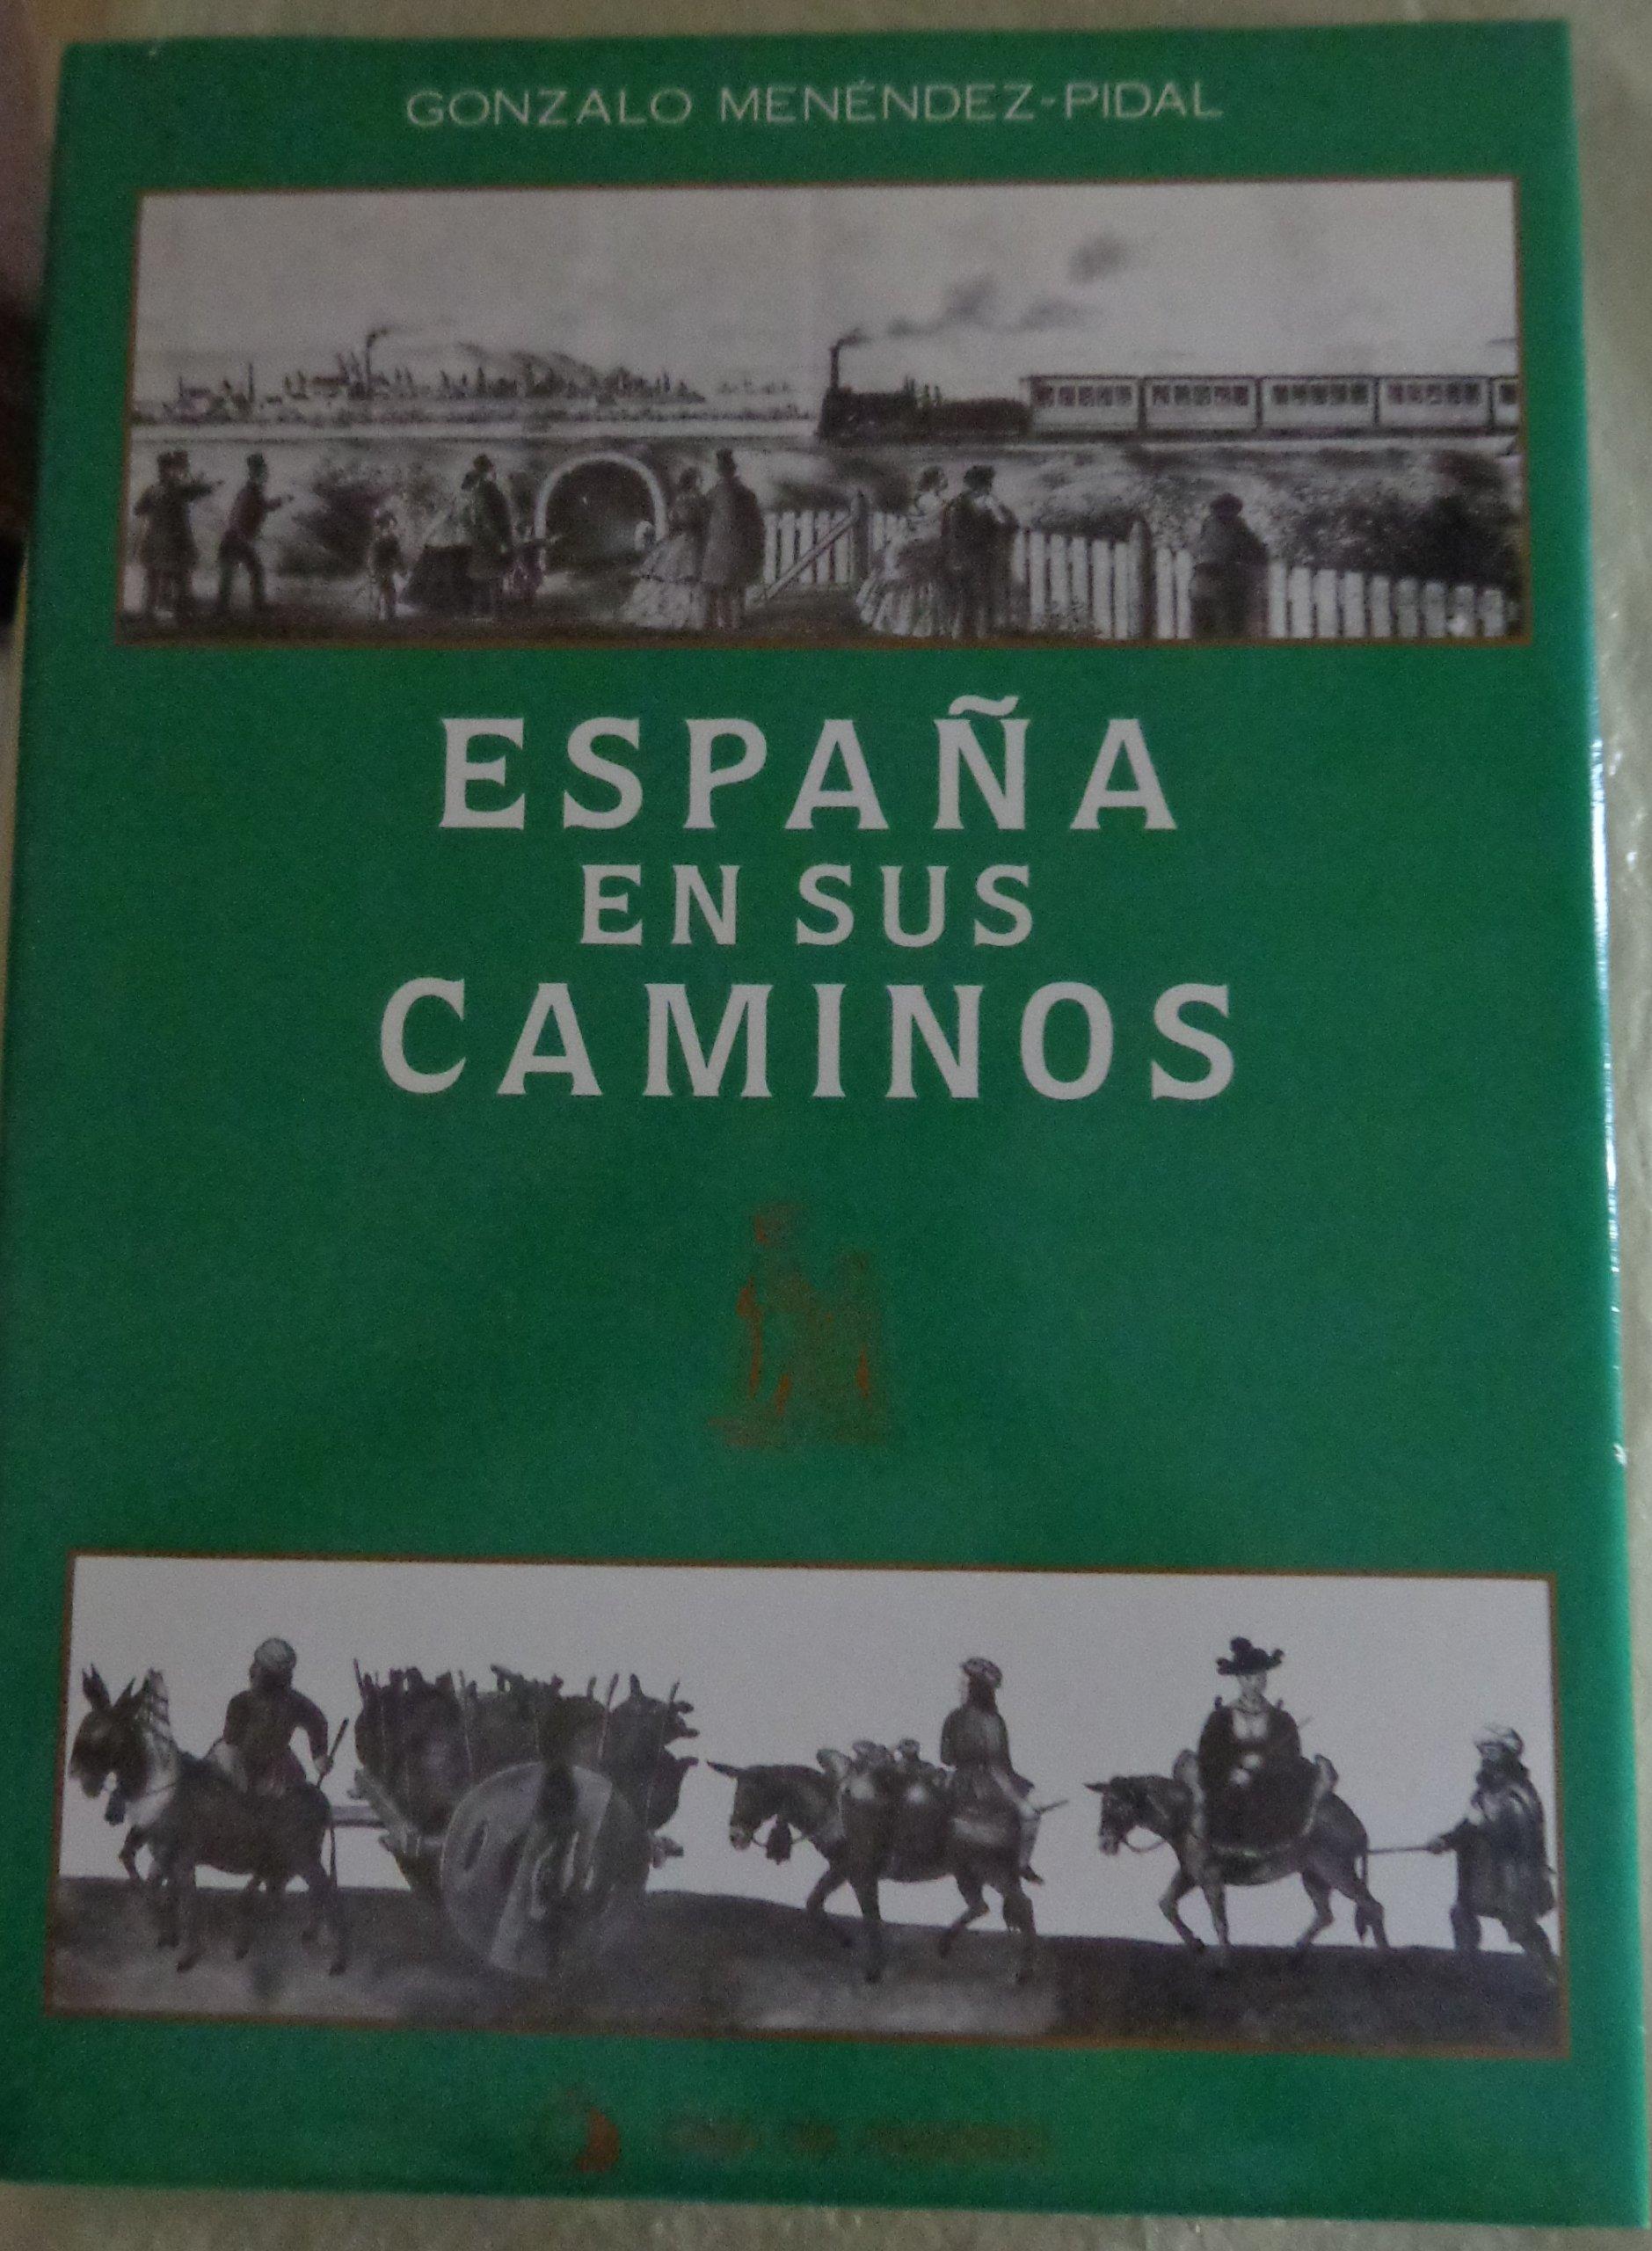 España en sus caminos: Amazon.es: Gonzalo Menéndez-Pidal Goyri: Libros